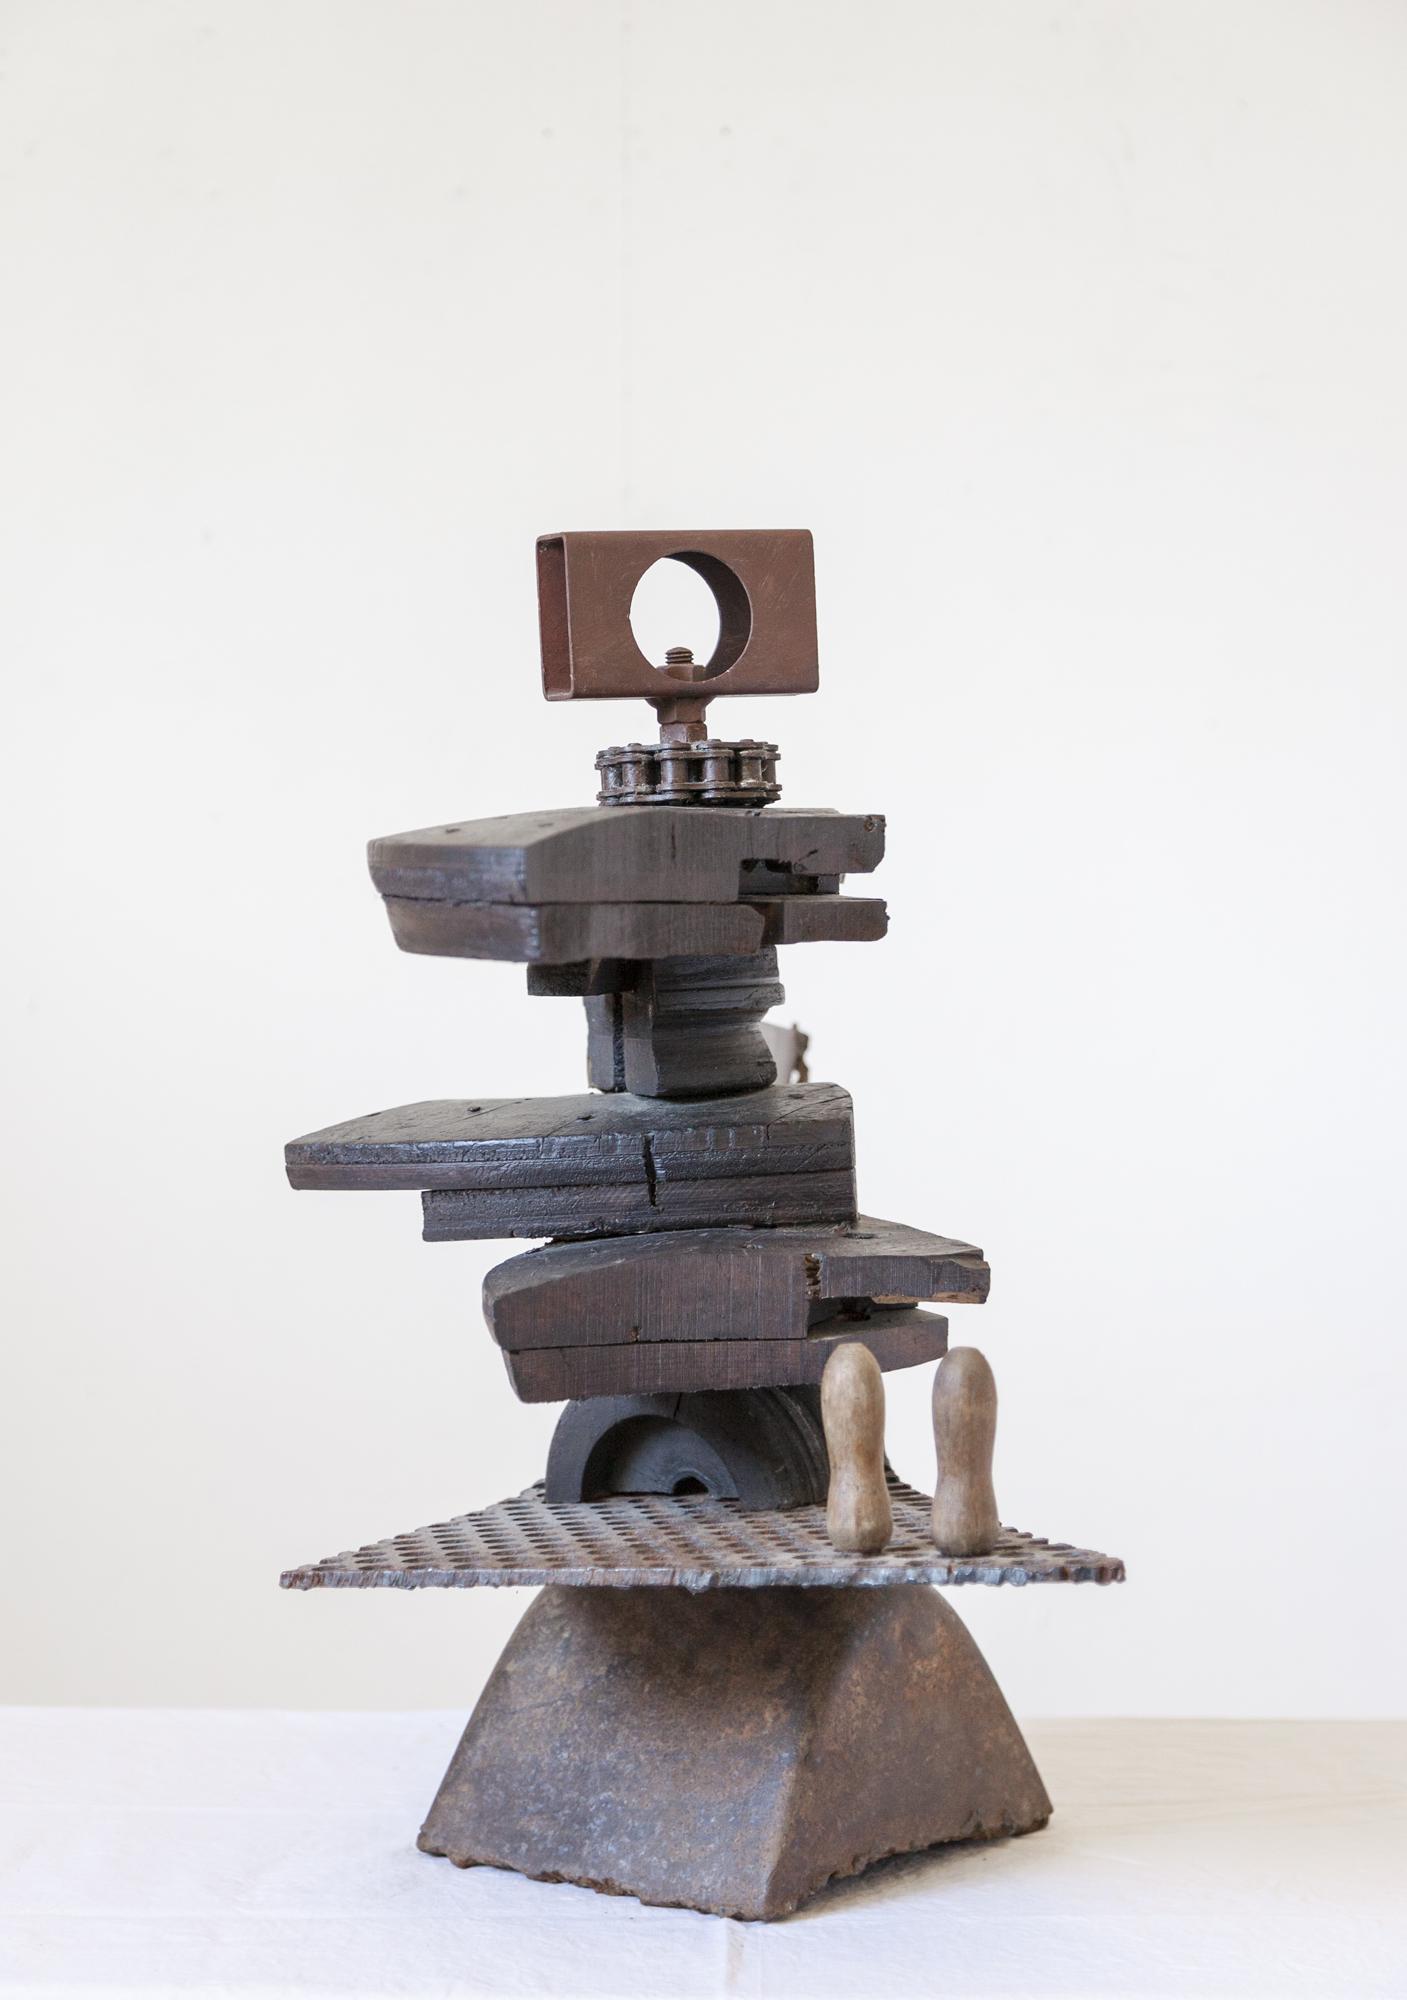 Randal-Arvilla-Mechanism-Sculpture